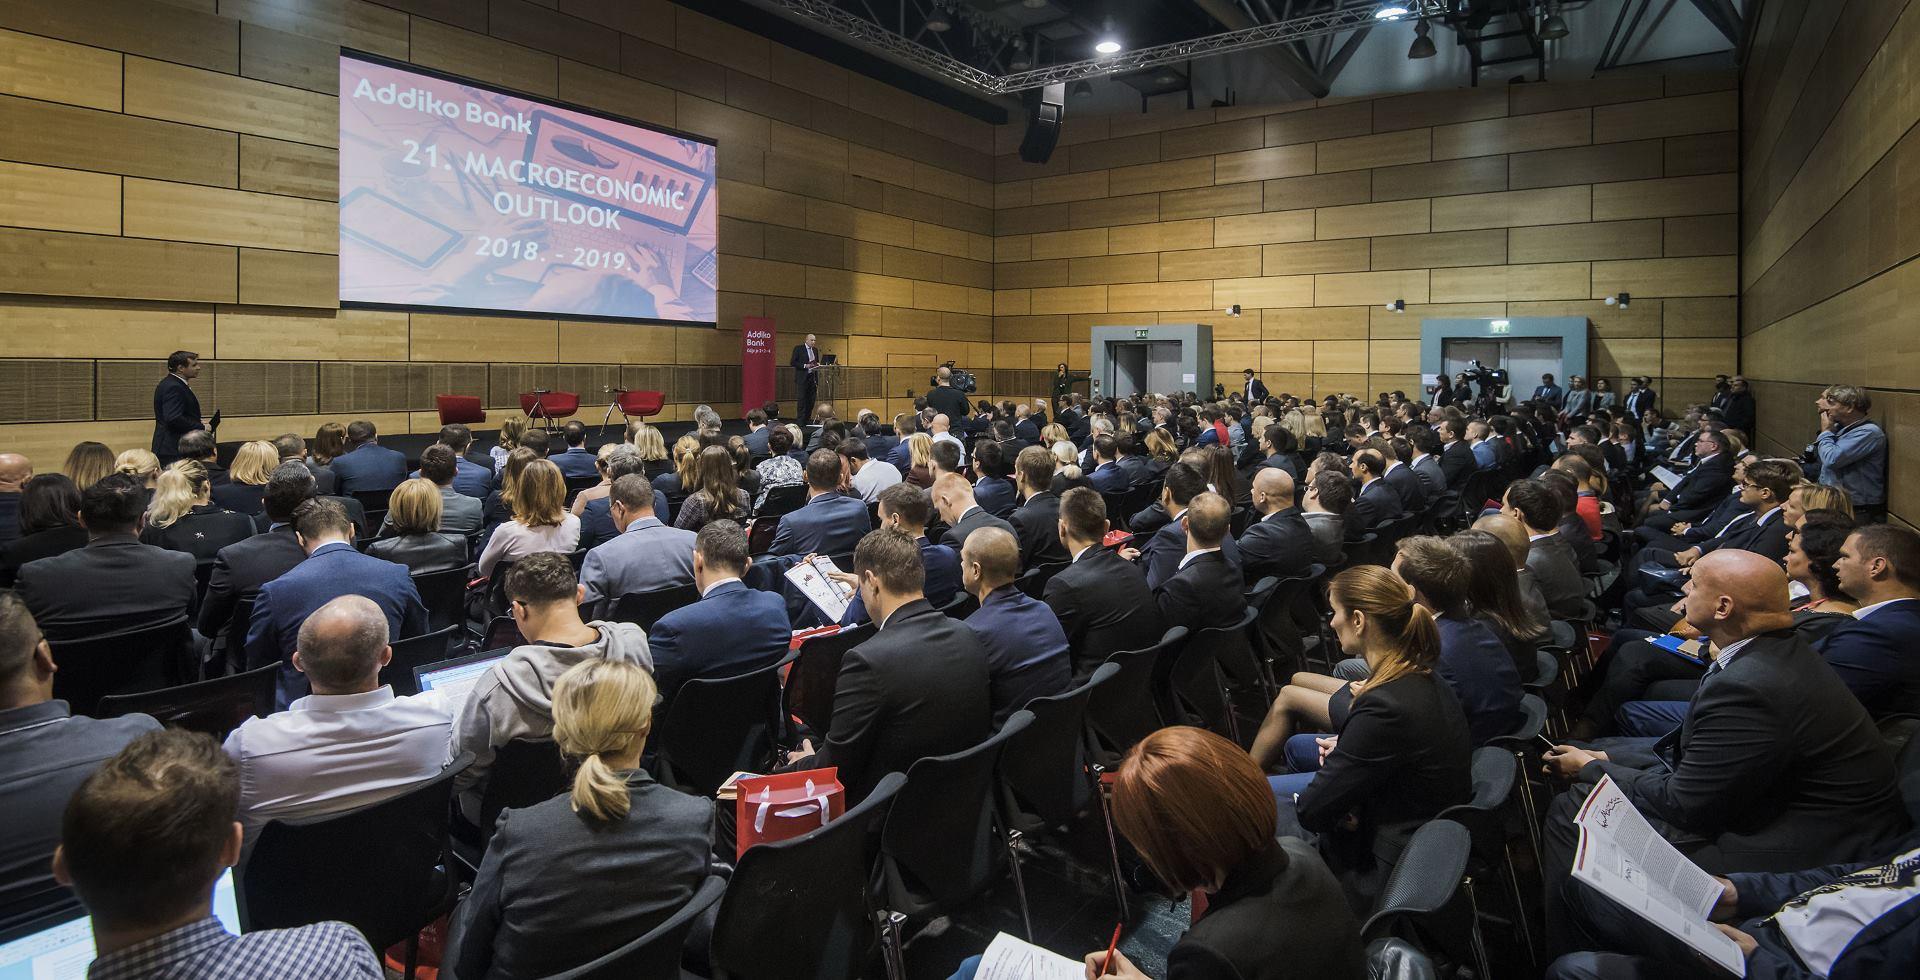 Addiko Macroeconomic Outlook sažetak –'Hrvatska: Produljeni, snažniji oporavak?'